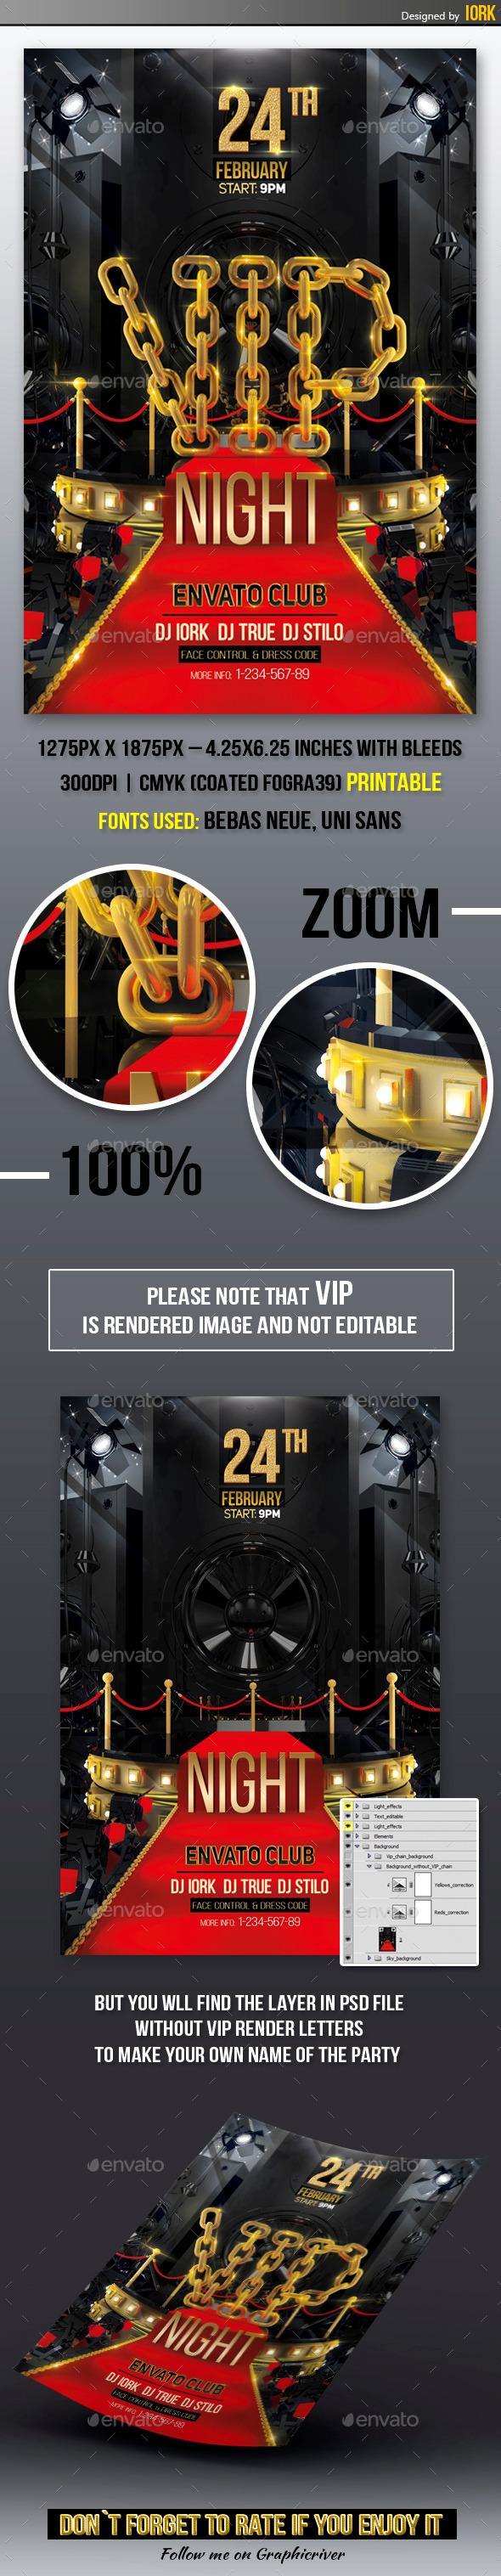 VIP Party Flyer - Flyers Print Templates